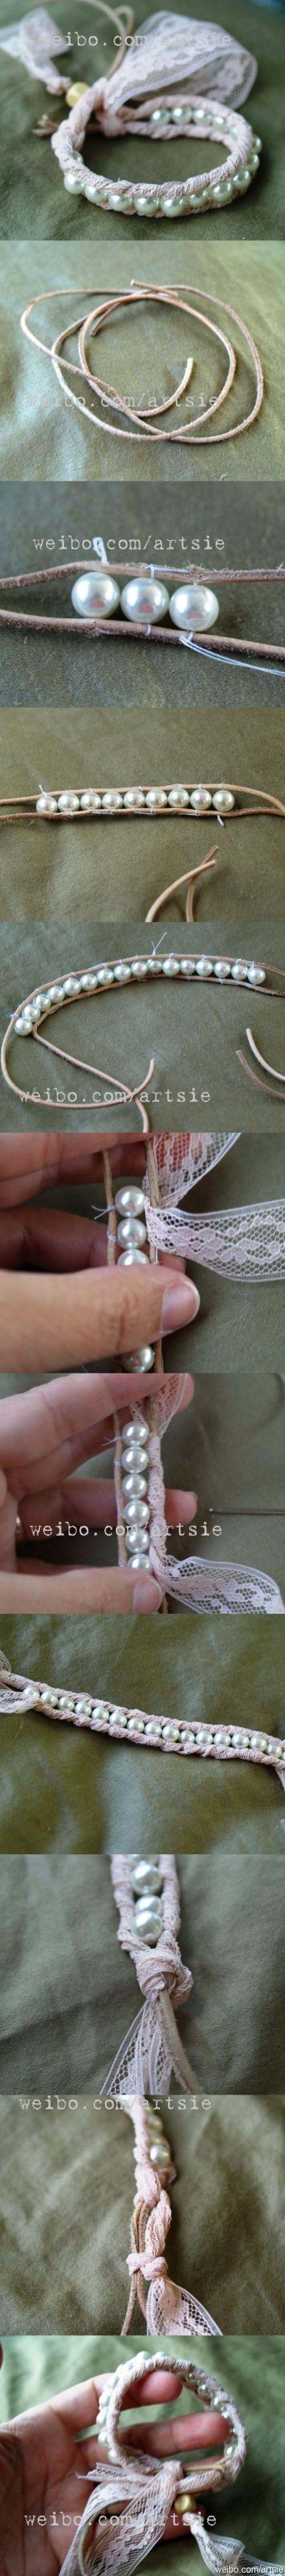 Perlenarmband zuk nftige projekte pinterest schmuck schmuck zum selbermachen und schmuck - Perlenarmband selber machen ...